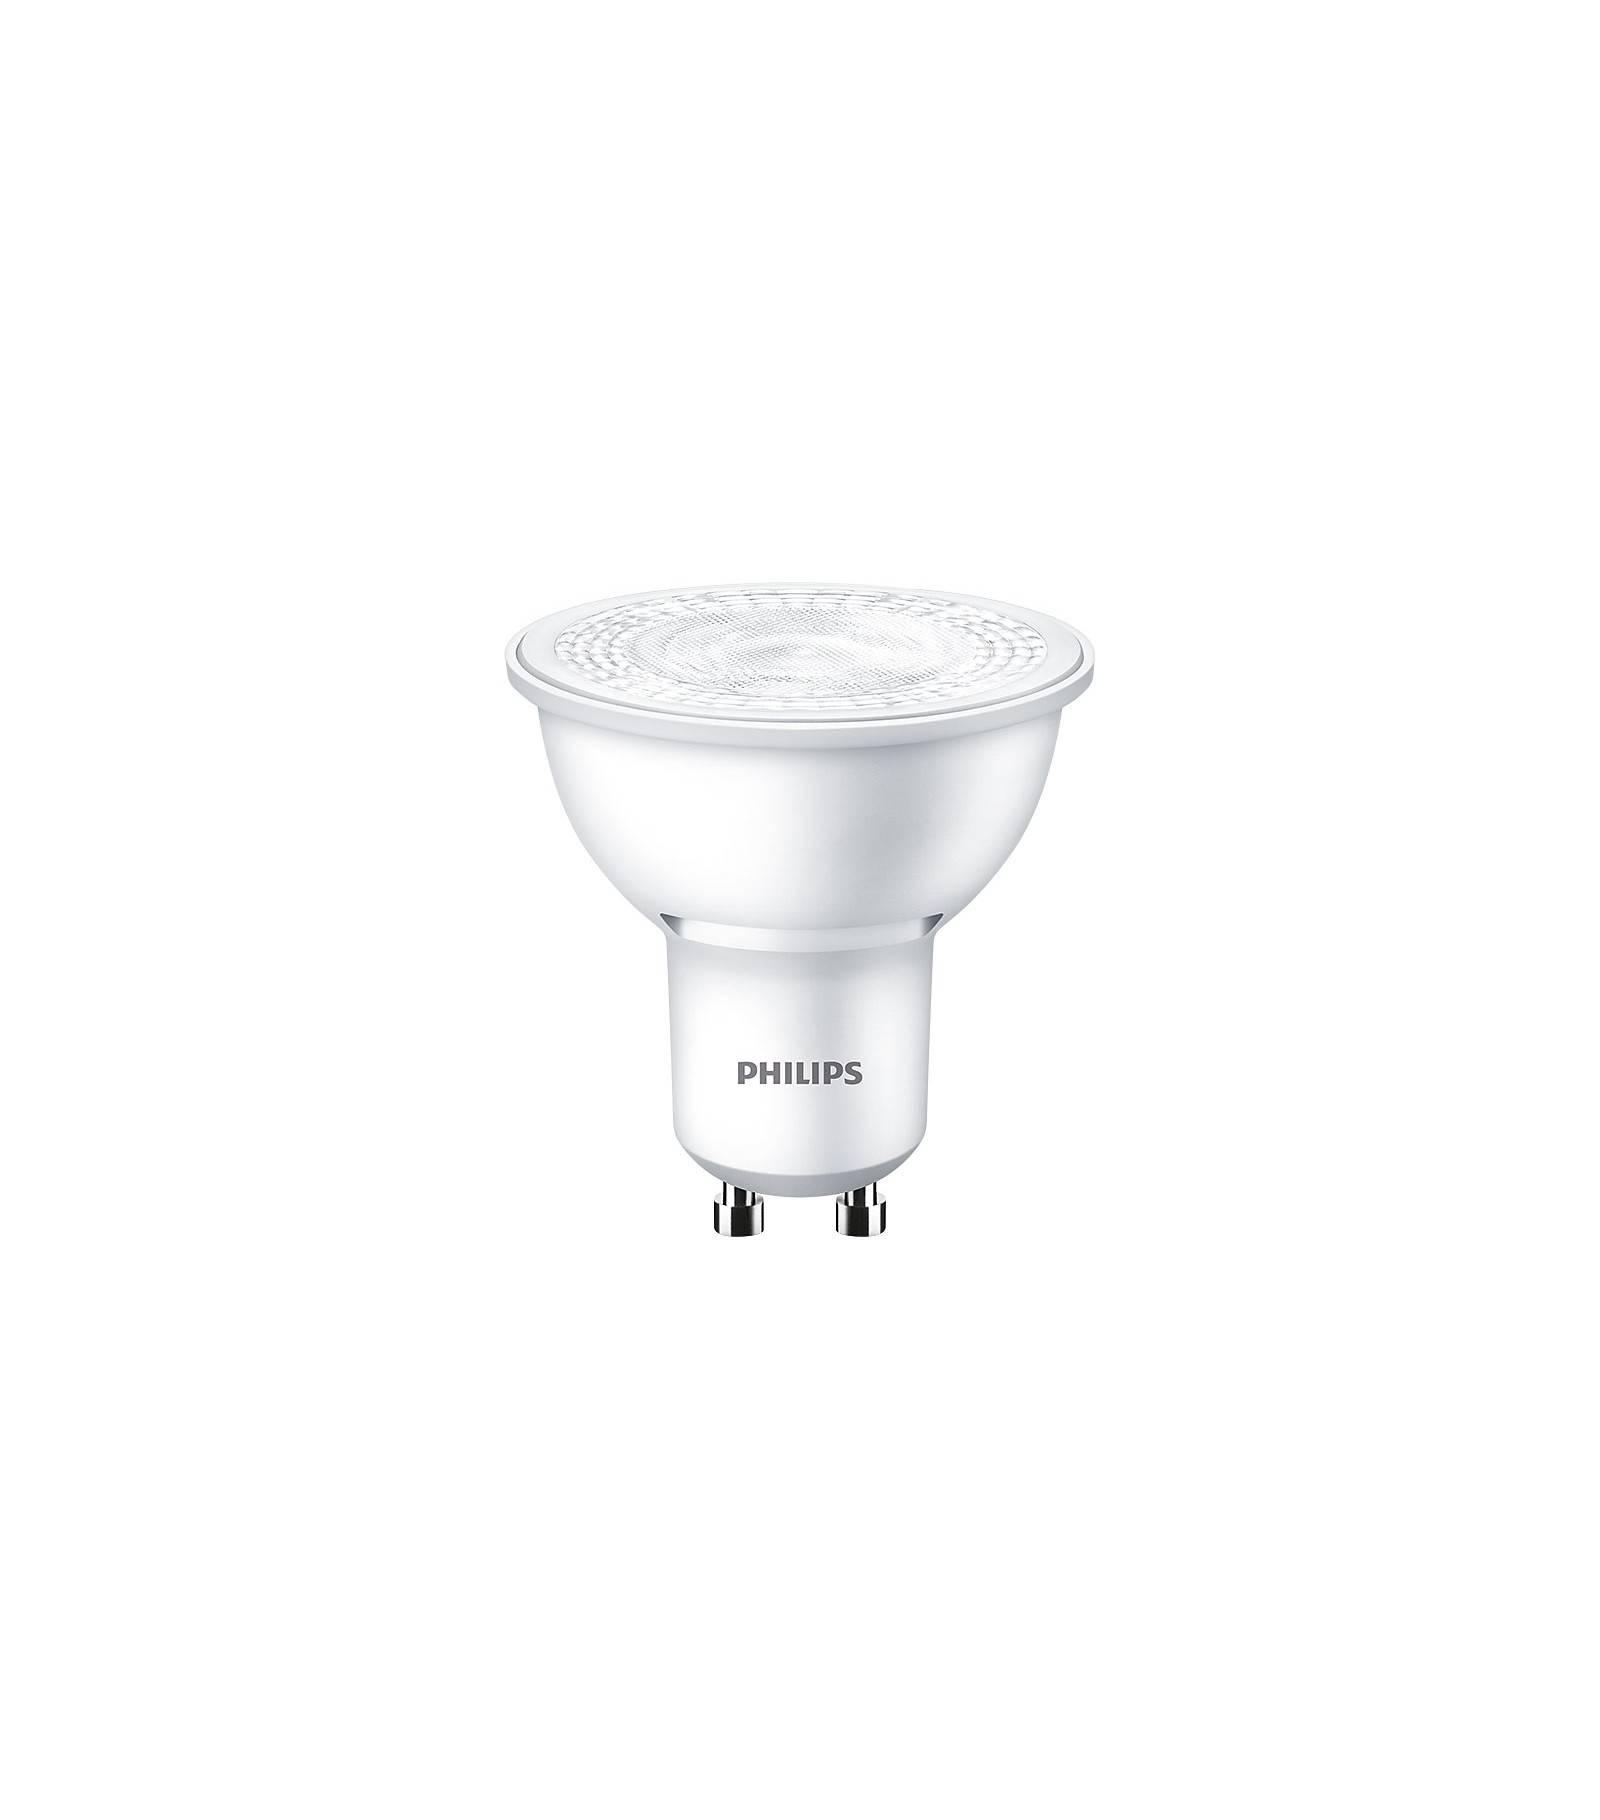 Ampoule Philips Led 4000k 220v Neutre Corepro Gu10 7w 730lm 81335500 100w Blanc OPTlikwXZu